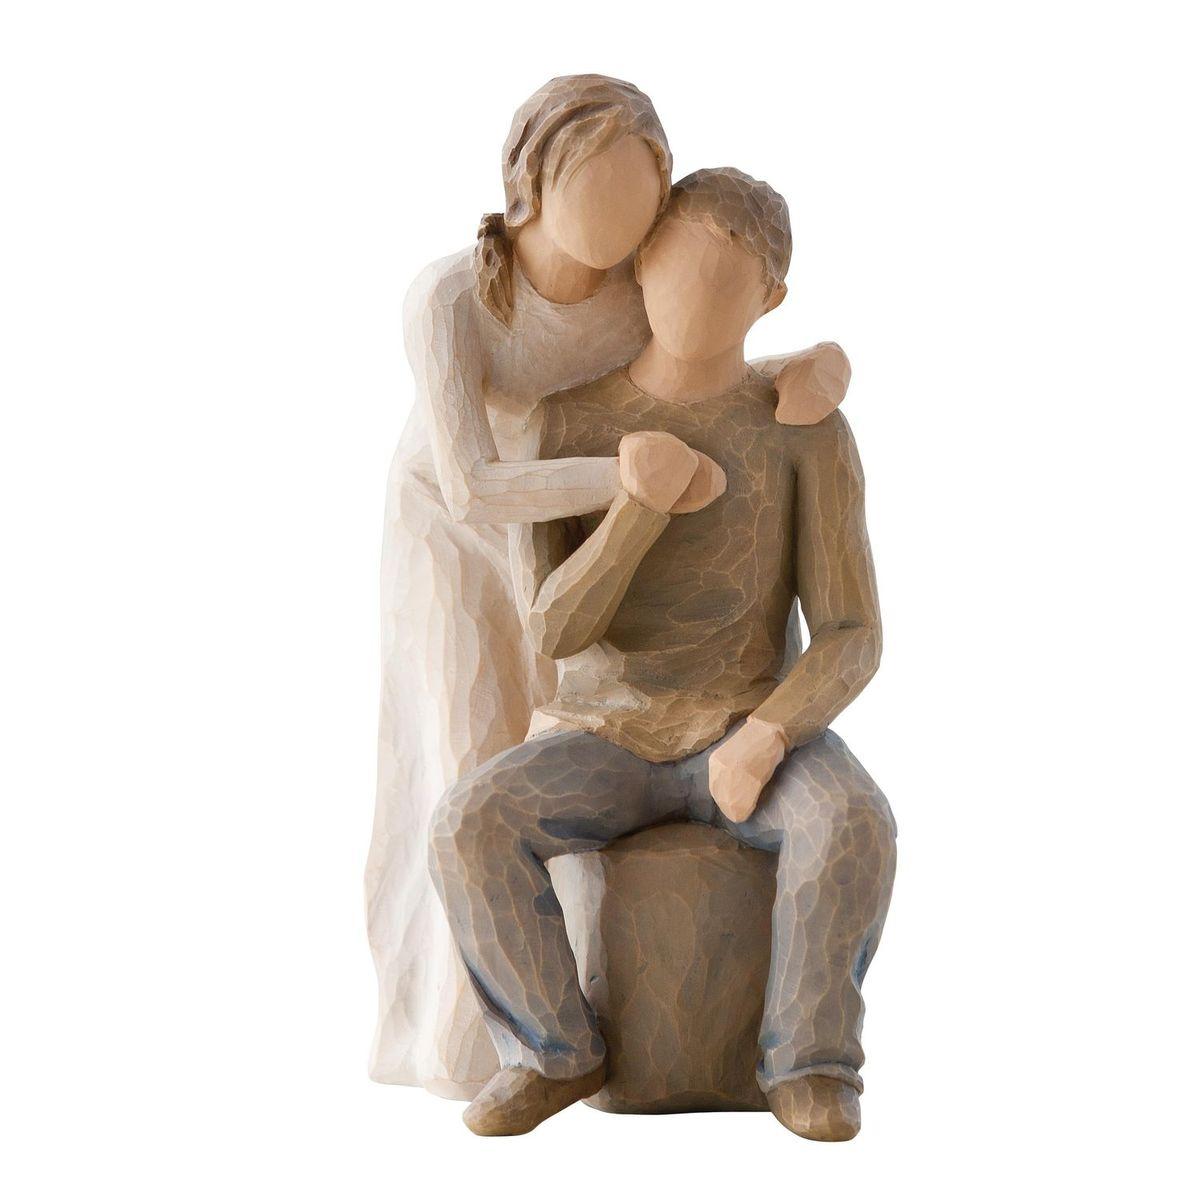 Фигурка декоративная Willow Tree Вы и я, высота 17 см26439Декоративная фигурка Willow Tree создана канадским скульптором Сьюзан Лорди. Фигурка выполнена из искусственного камня (49% карбонат кальция мелкозернистой разновидности, 51% искусственный камень).Фигурка Willow Tree – это настоящее произведение искусства, образная скульптура в миниатюре, изображающая эмоции и чувства, которые помогают чувствовать себя ближе к другим, верить в мечту, выражать любовь.Фигурка помещена в красивую упаковку.Купить такой оригинальный подарок, значит не только украсить интерьер помещения или жилой комнаты, но выразить свое глубокое отношение к любимому человеку. Этот прекрасный сувенир будет лучшим подарком на день ангела, именины, день рождения, юбилей.